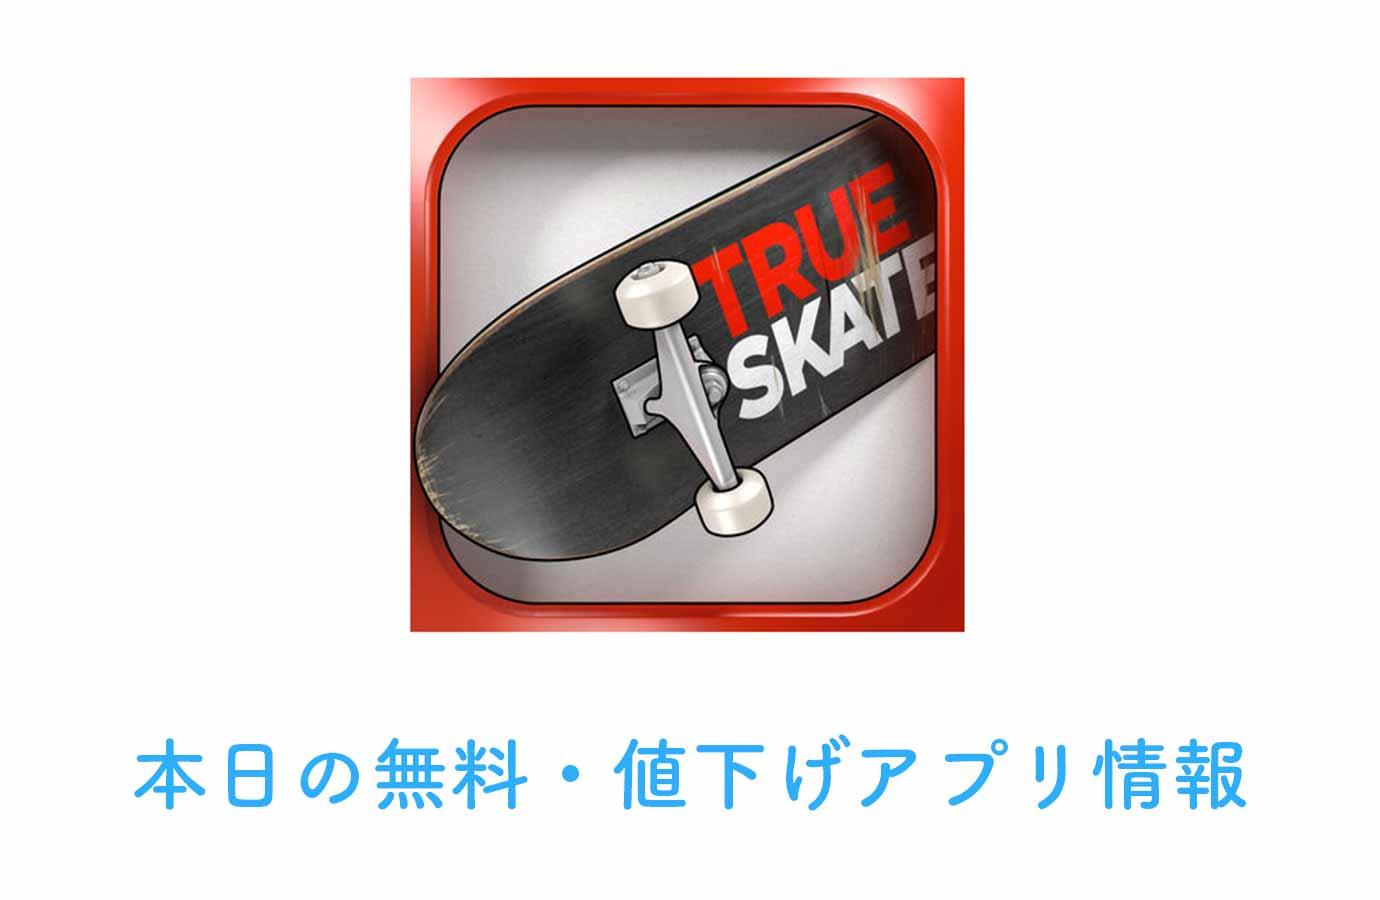 【240円→無料】2本の指で操作するリアルスケボーゲーム「True Skate」など【3/6】本日の無料・値下げアプリ情報